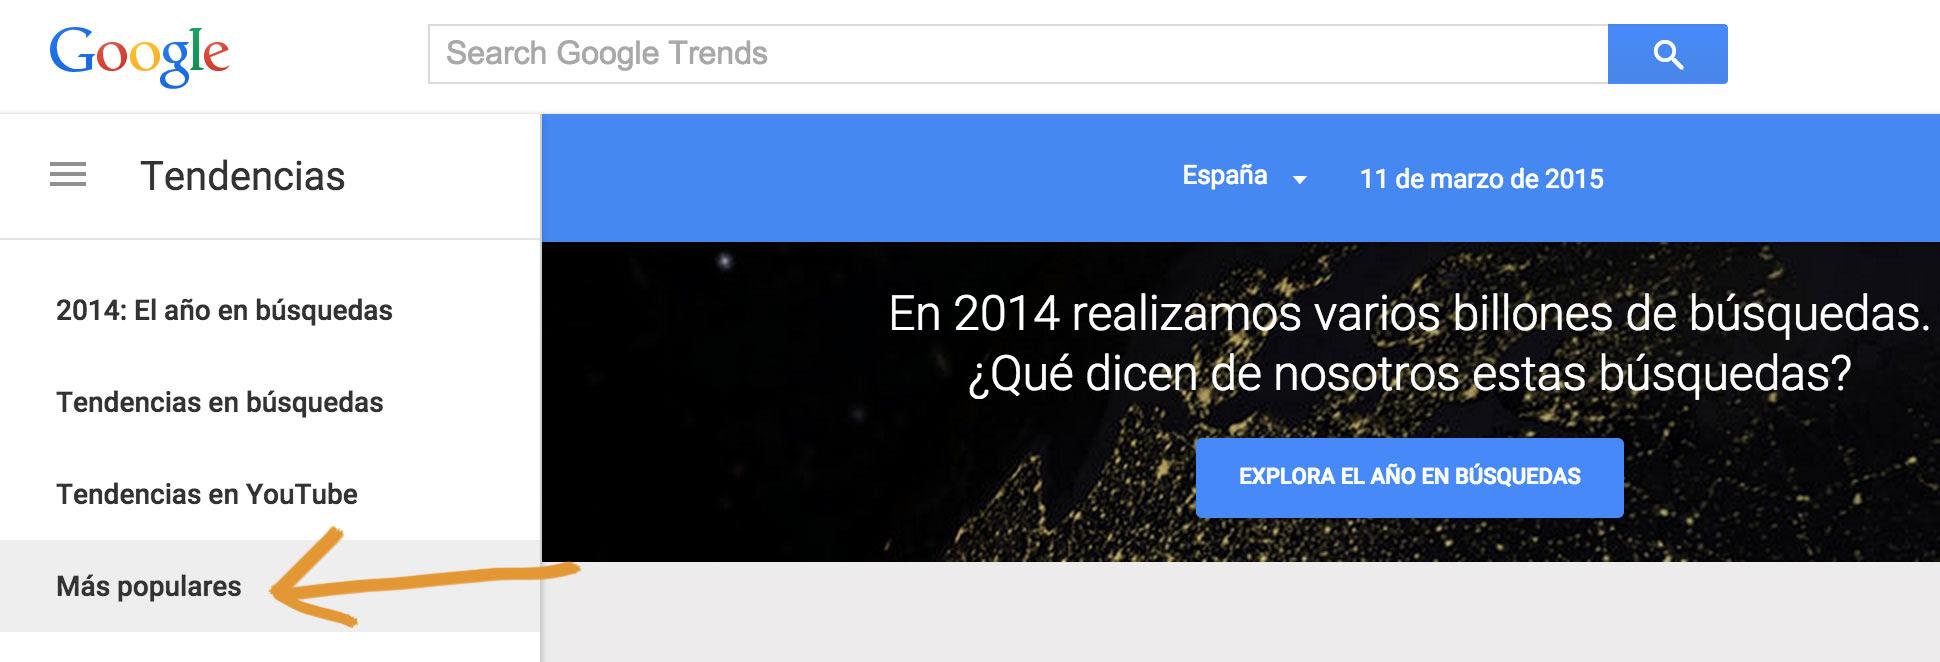 Tendencias de búsqueda en Google trends